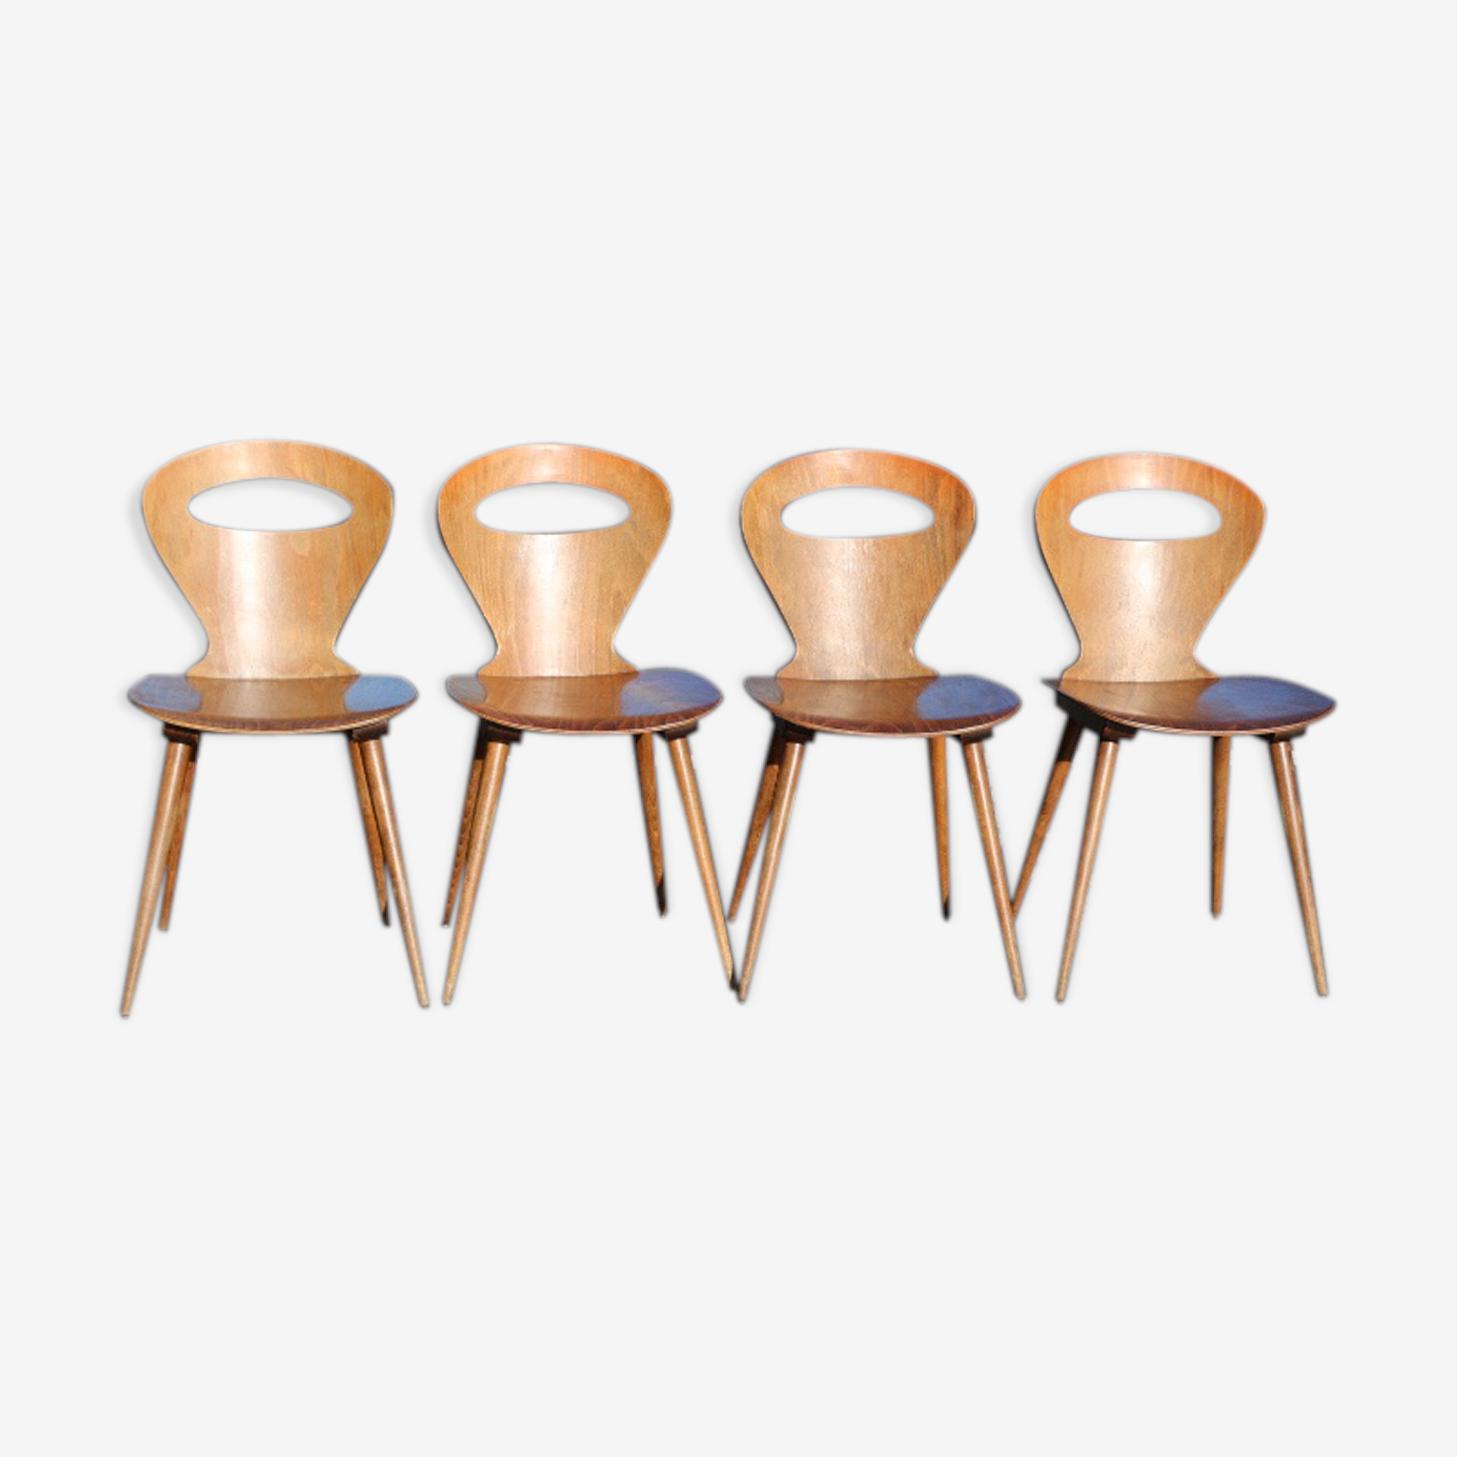 4 chaises baumann 1970